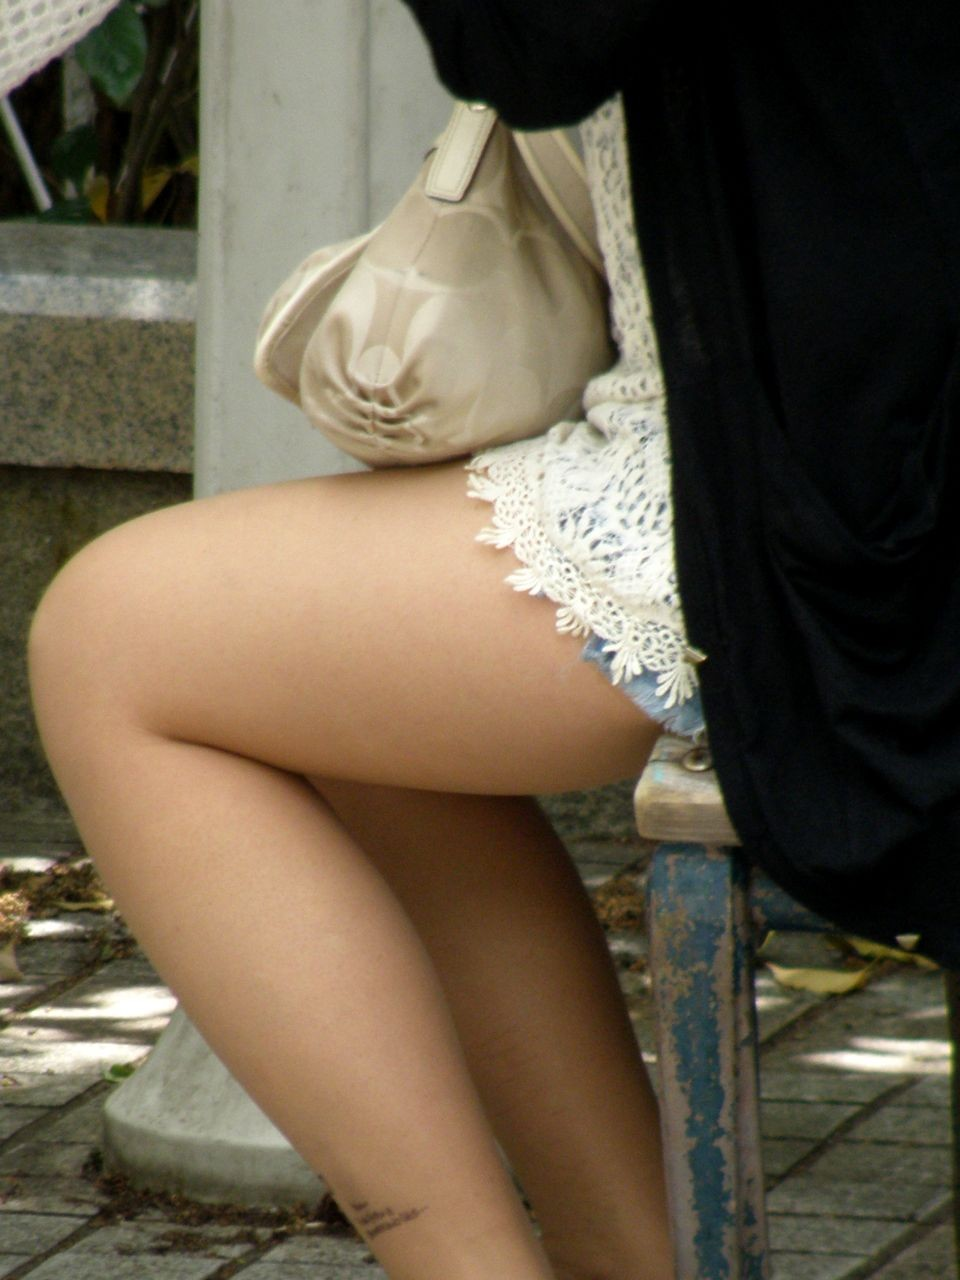 【太ももエロ画像】膝枕プリーズwムッチリこそ不可欠な女の太ももwww 11